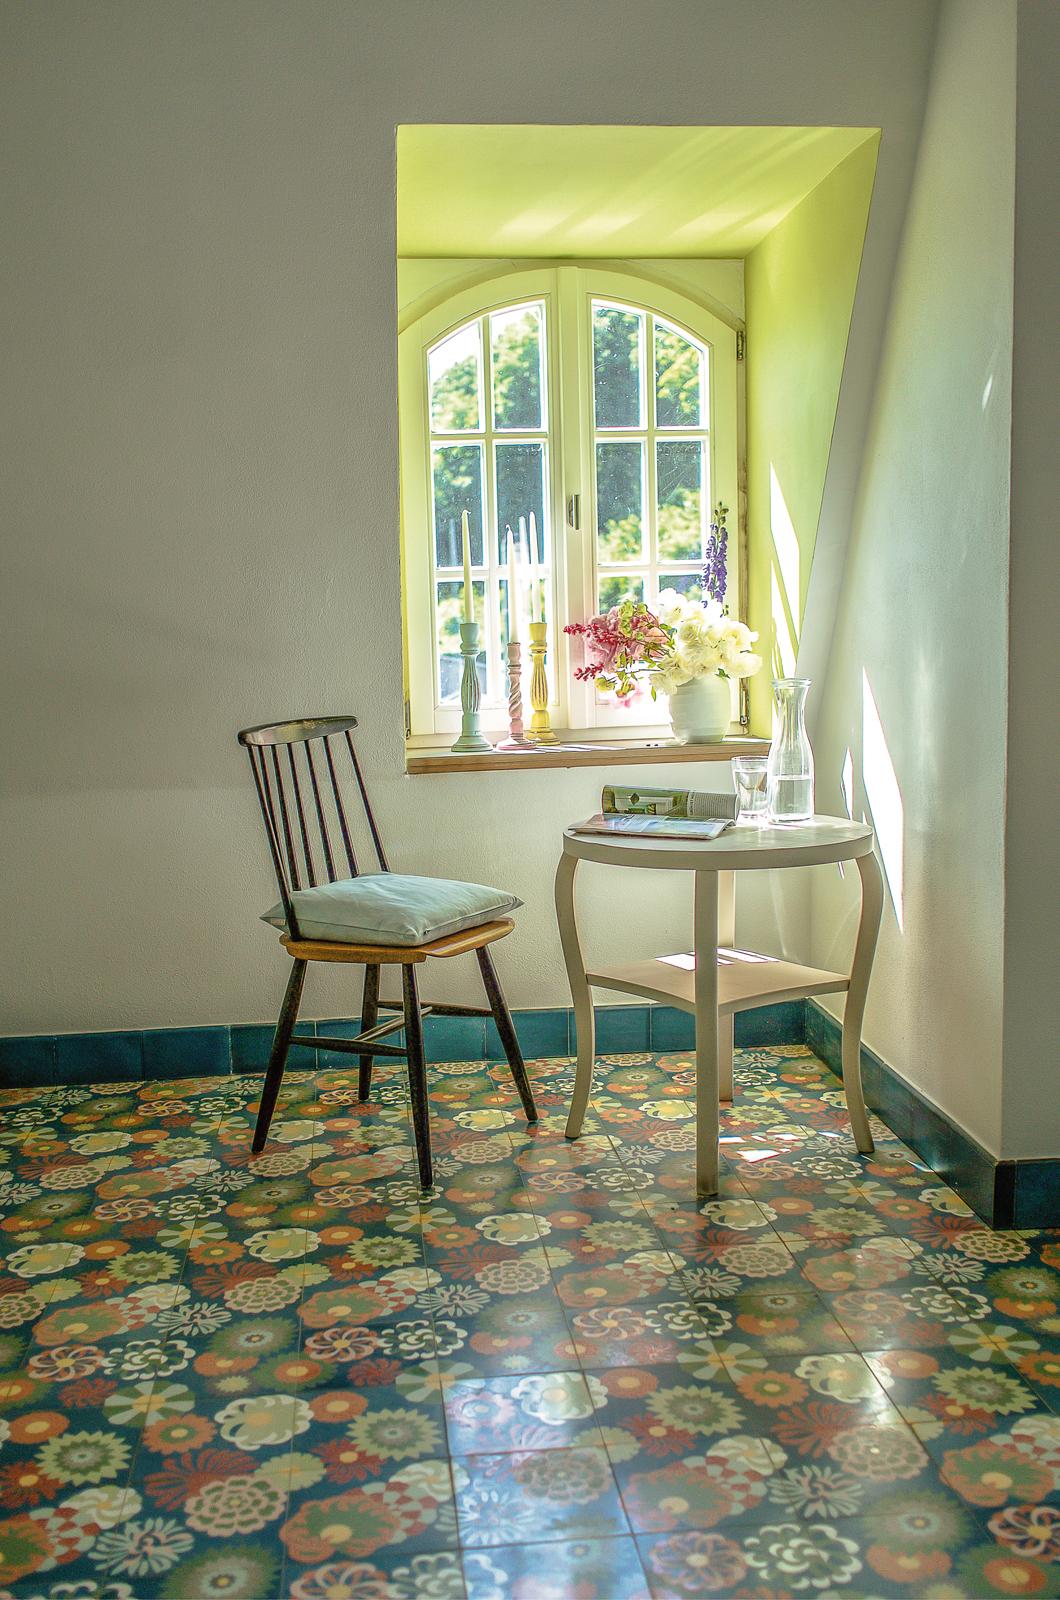 Zementmosaikplatten_nr.51078-blumenwiese-living-03-viaplatten | 51078